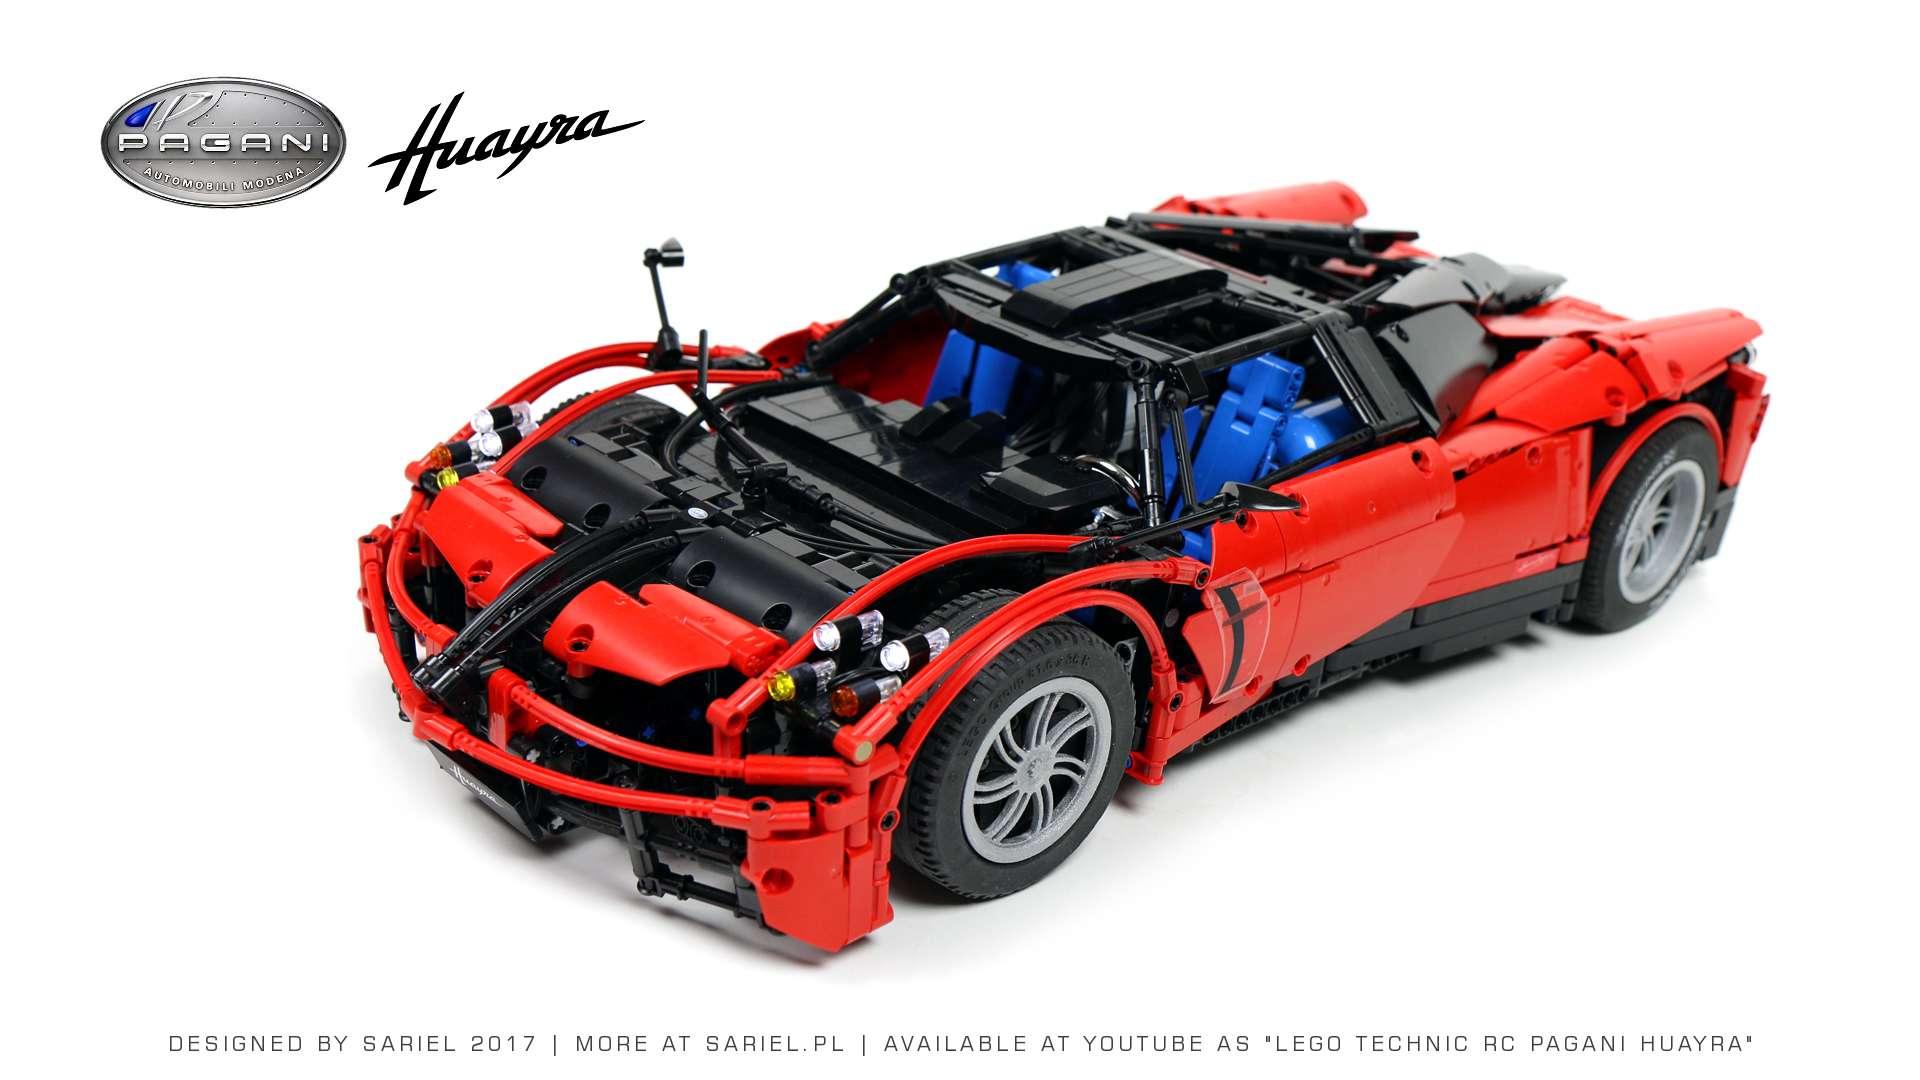 Lego Technic RC Pagani Huayra - Auto-Blog.pl